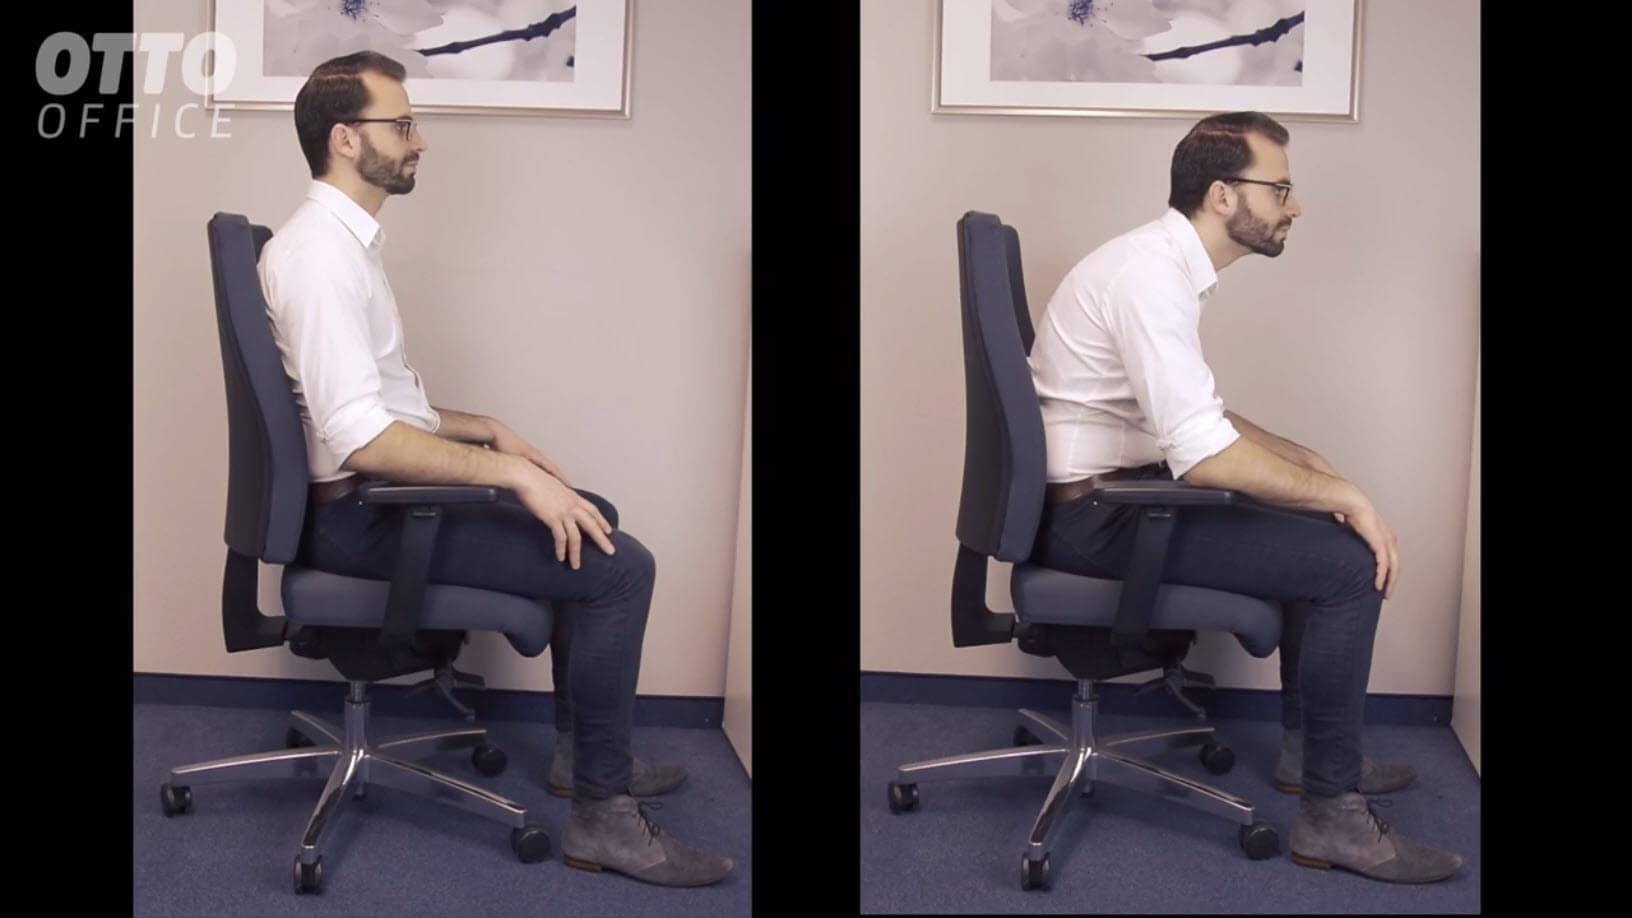 Drehhocker Bei Otto Office Günstig Kaufen